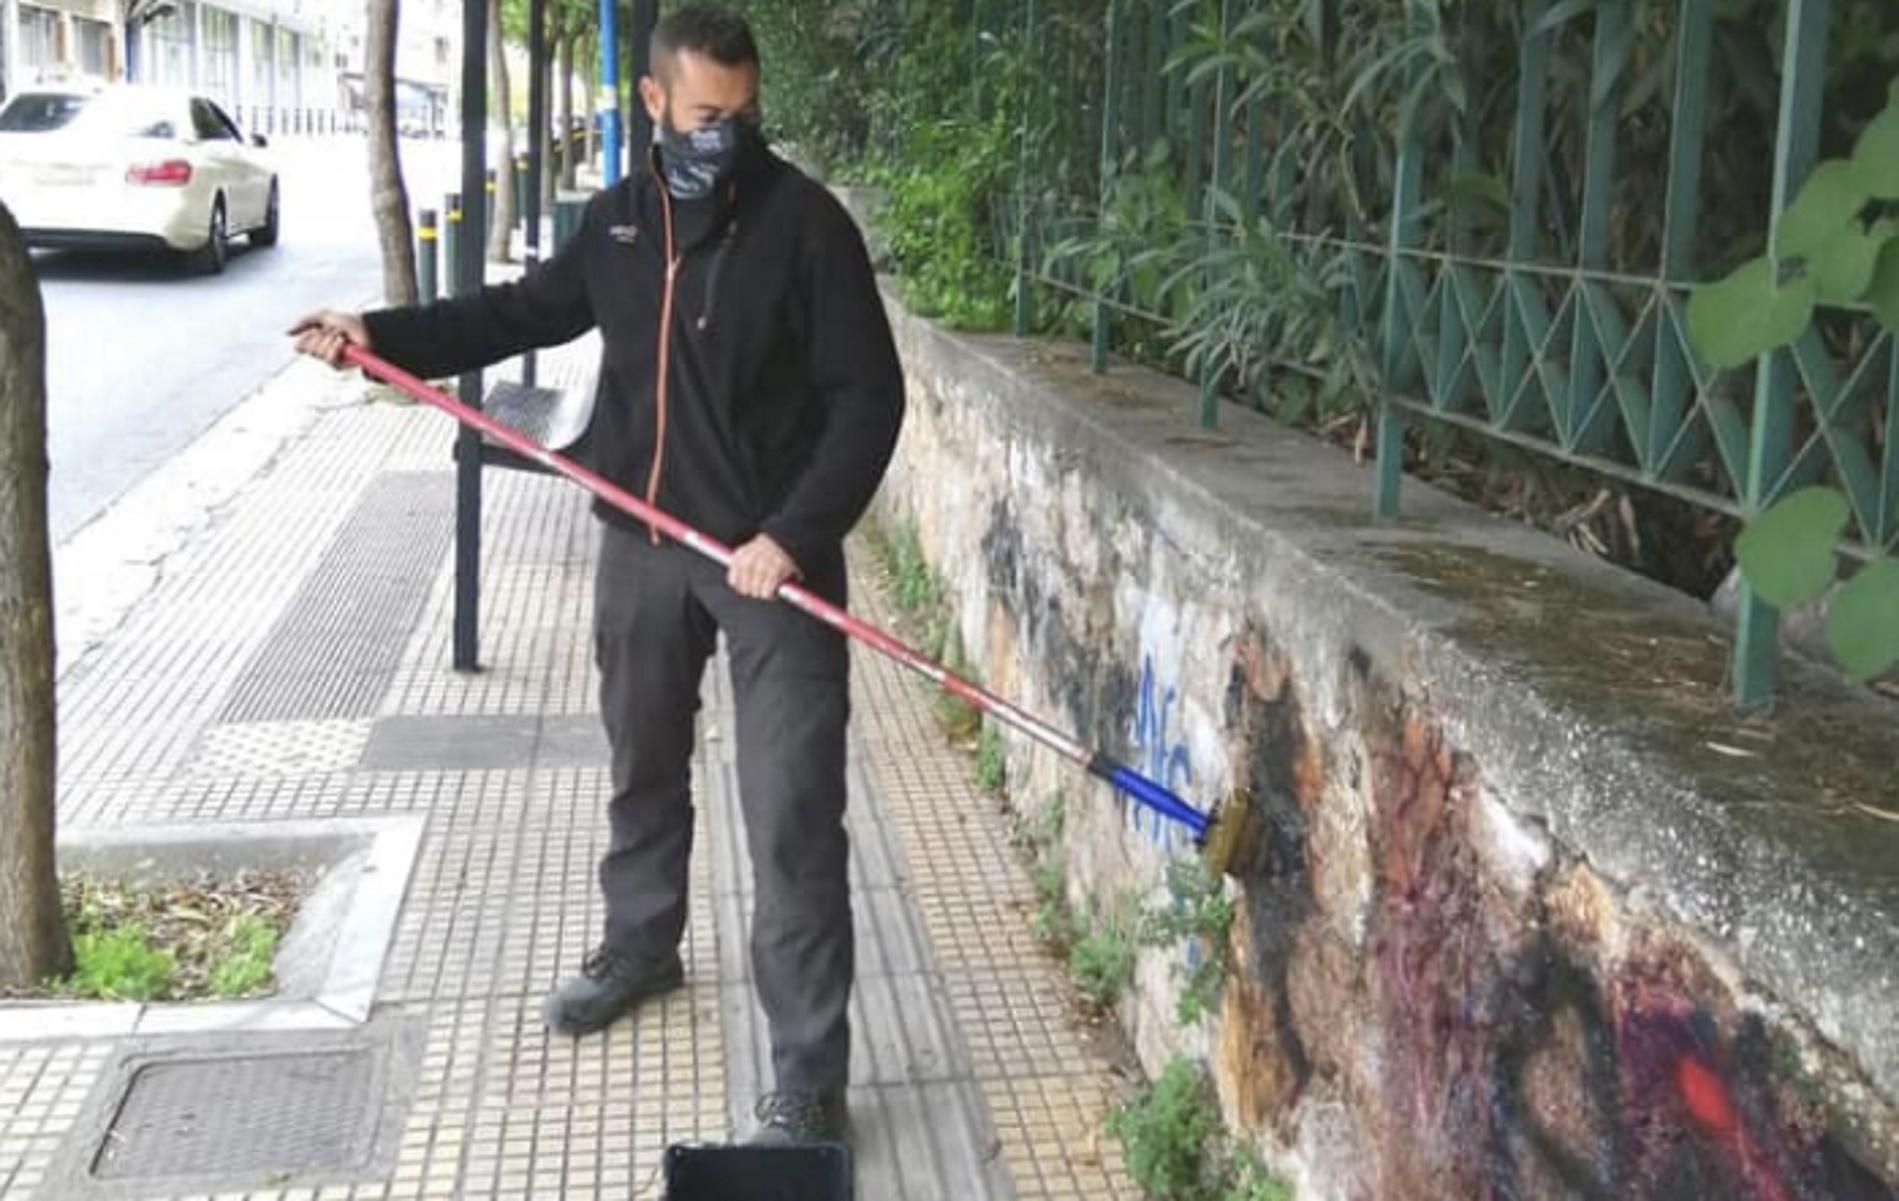 Δήμος Αθηναίων: Καθάρισε από γκράφιτι δημόσιους χώρους – Η ανάρτηση Μπακογιάννη (pics, video)